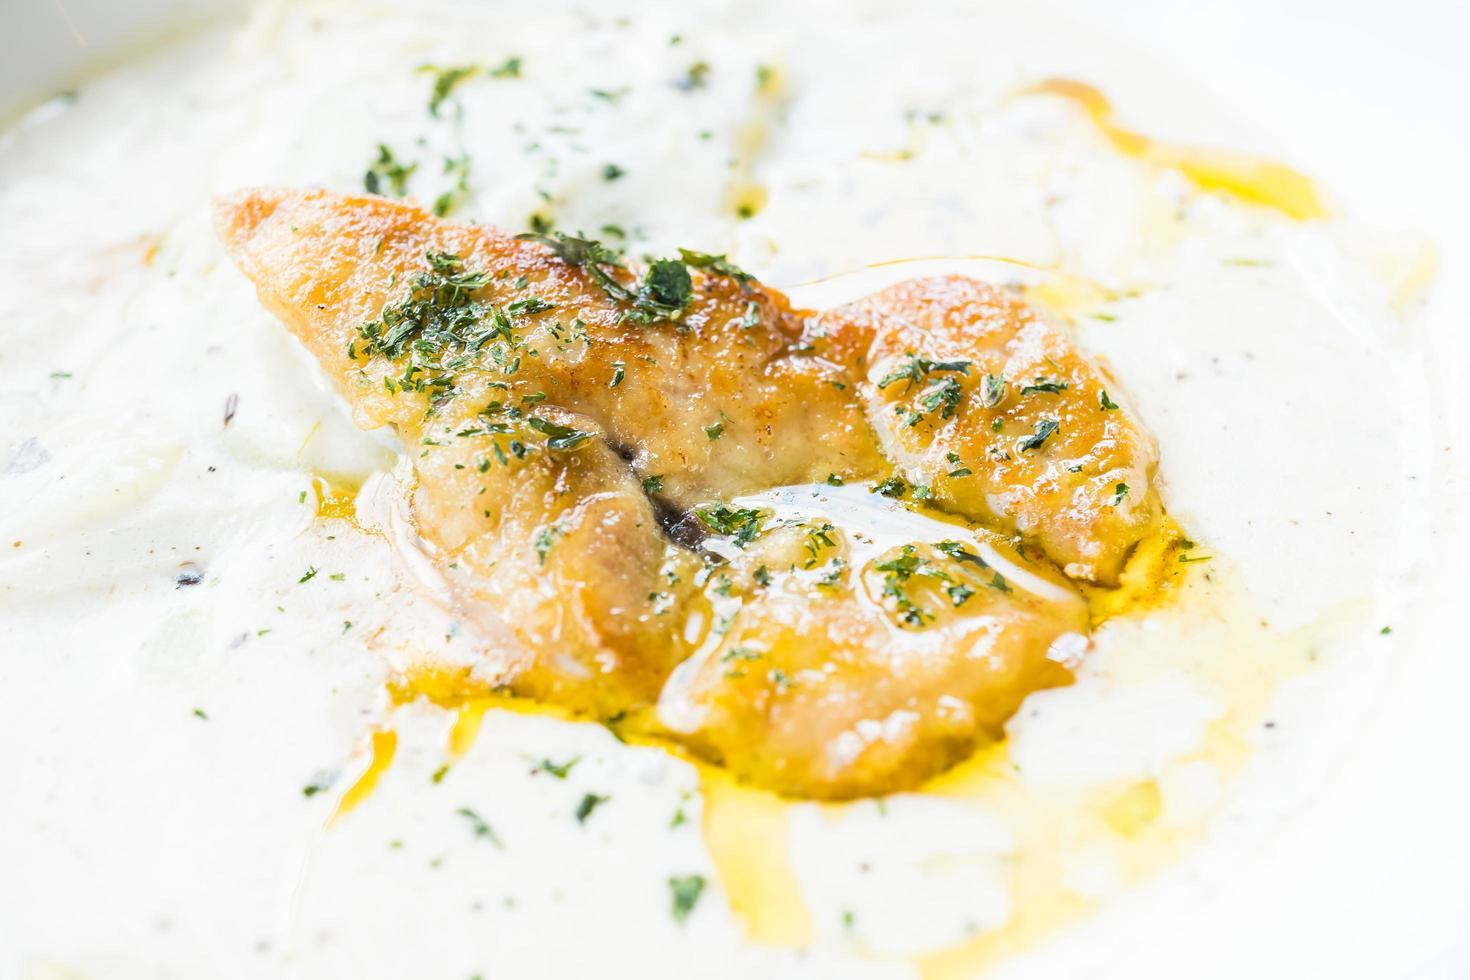 foie gras com molho de creme penne foto